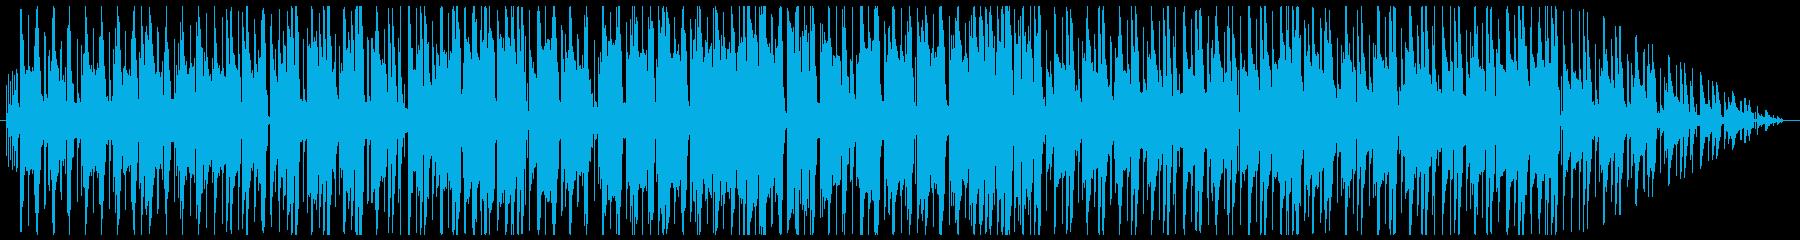 ジャックスイング風の夜のBGMの再生済みの波形